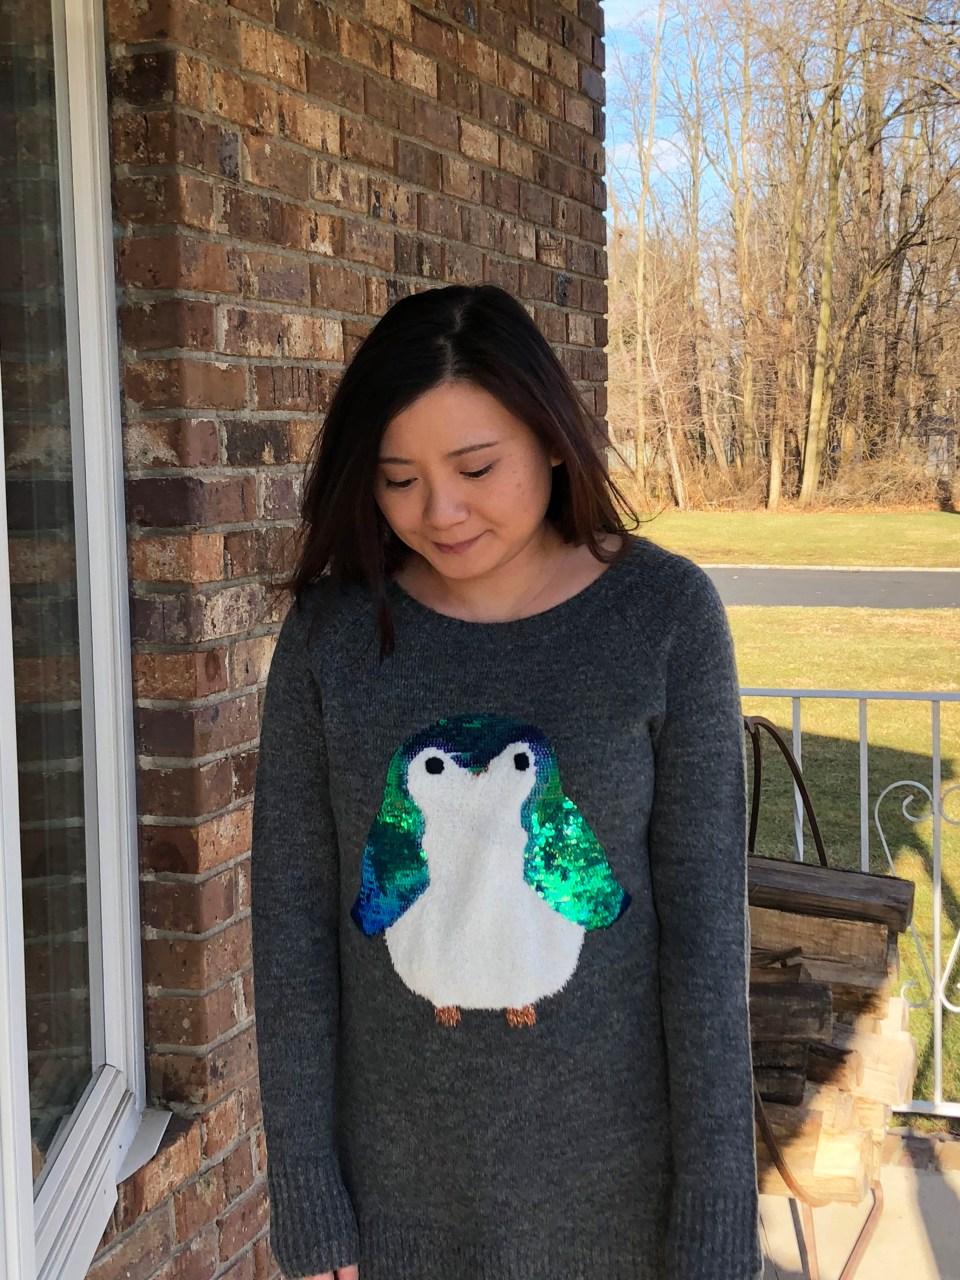 Sequin Penguin Sweater 10